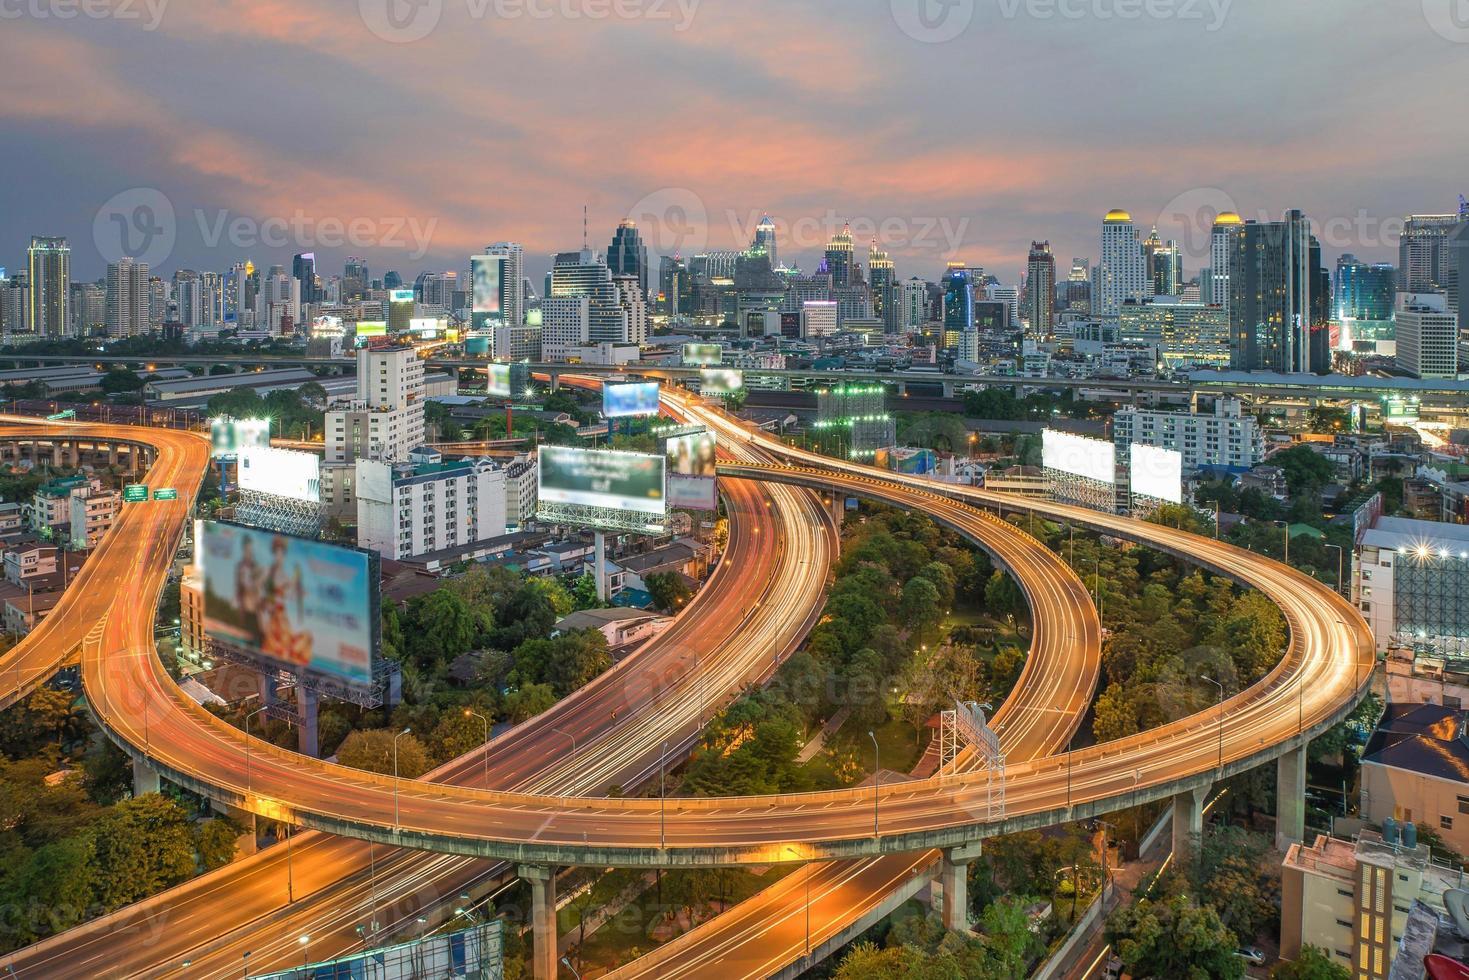 Vista superior de la autopista y autopista de Bangkok, Tailandia foto